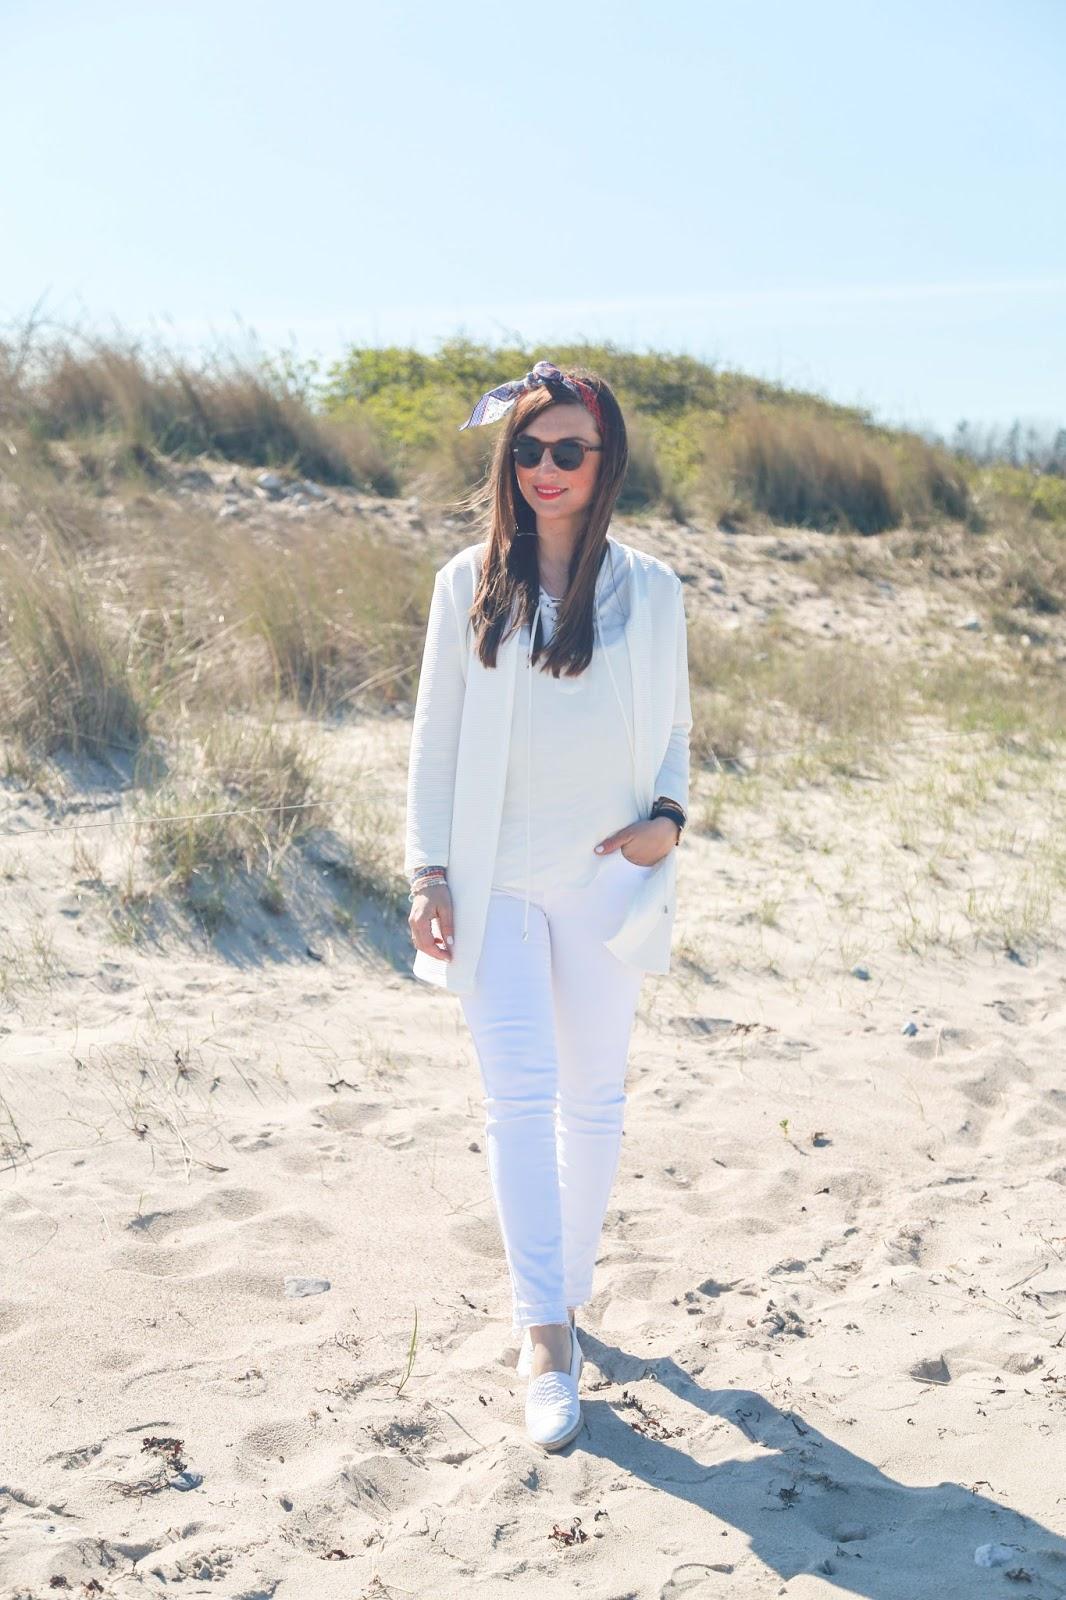 Fashionblogger aus deutschland - Frankfurt Fashionbloger - Blogger aus Frankfurt - Wein weißer Look - Einen weißen Look stylen - Wie style ich einen weißen Look